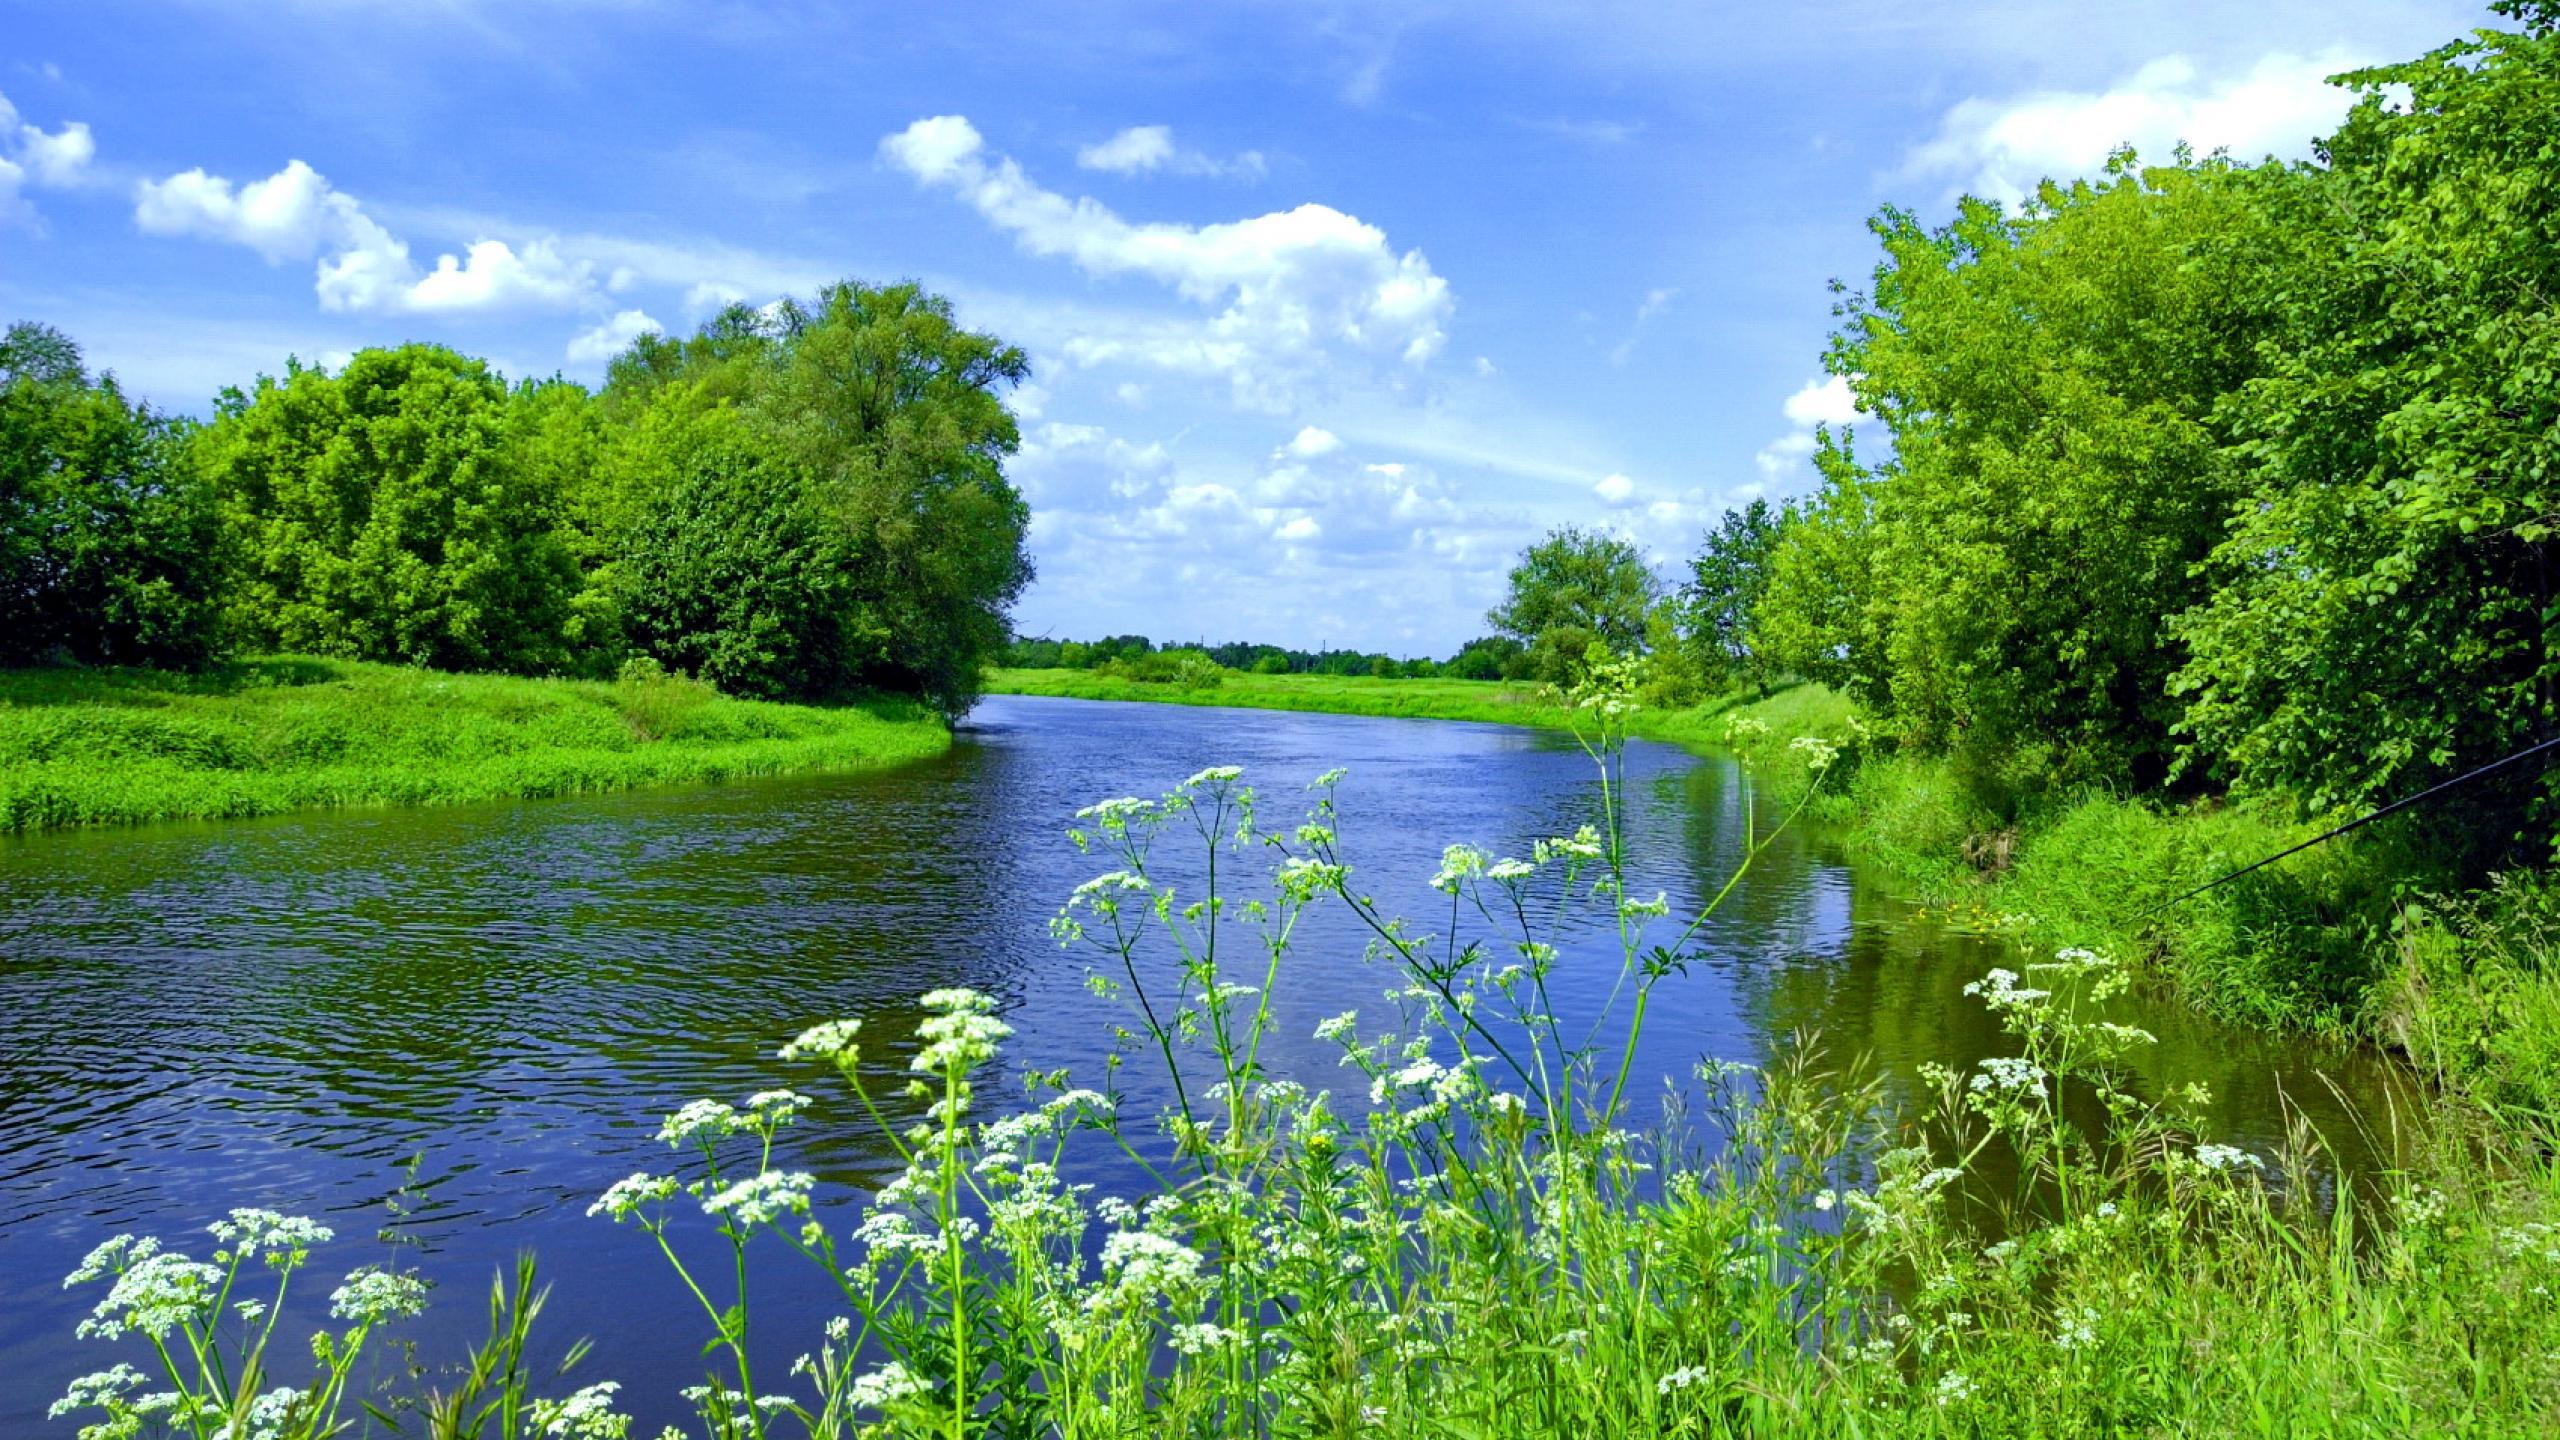 River Scene Clouds Stream Calm Nature Grass 2560x1440 Hd Wallpaper ...